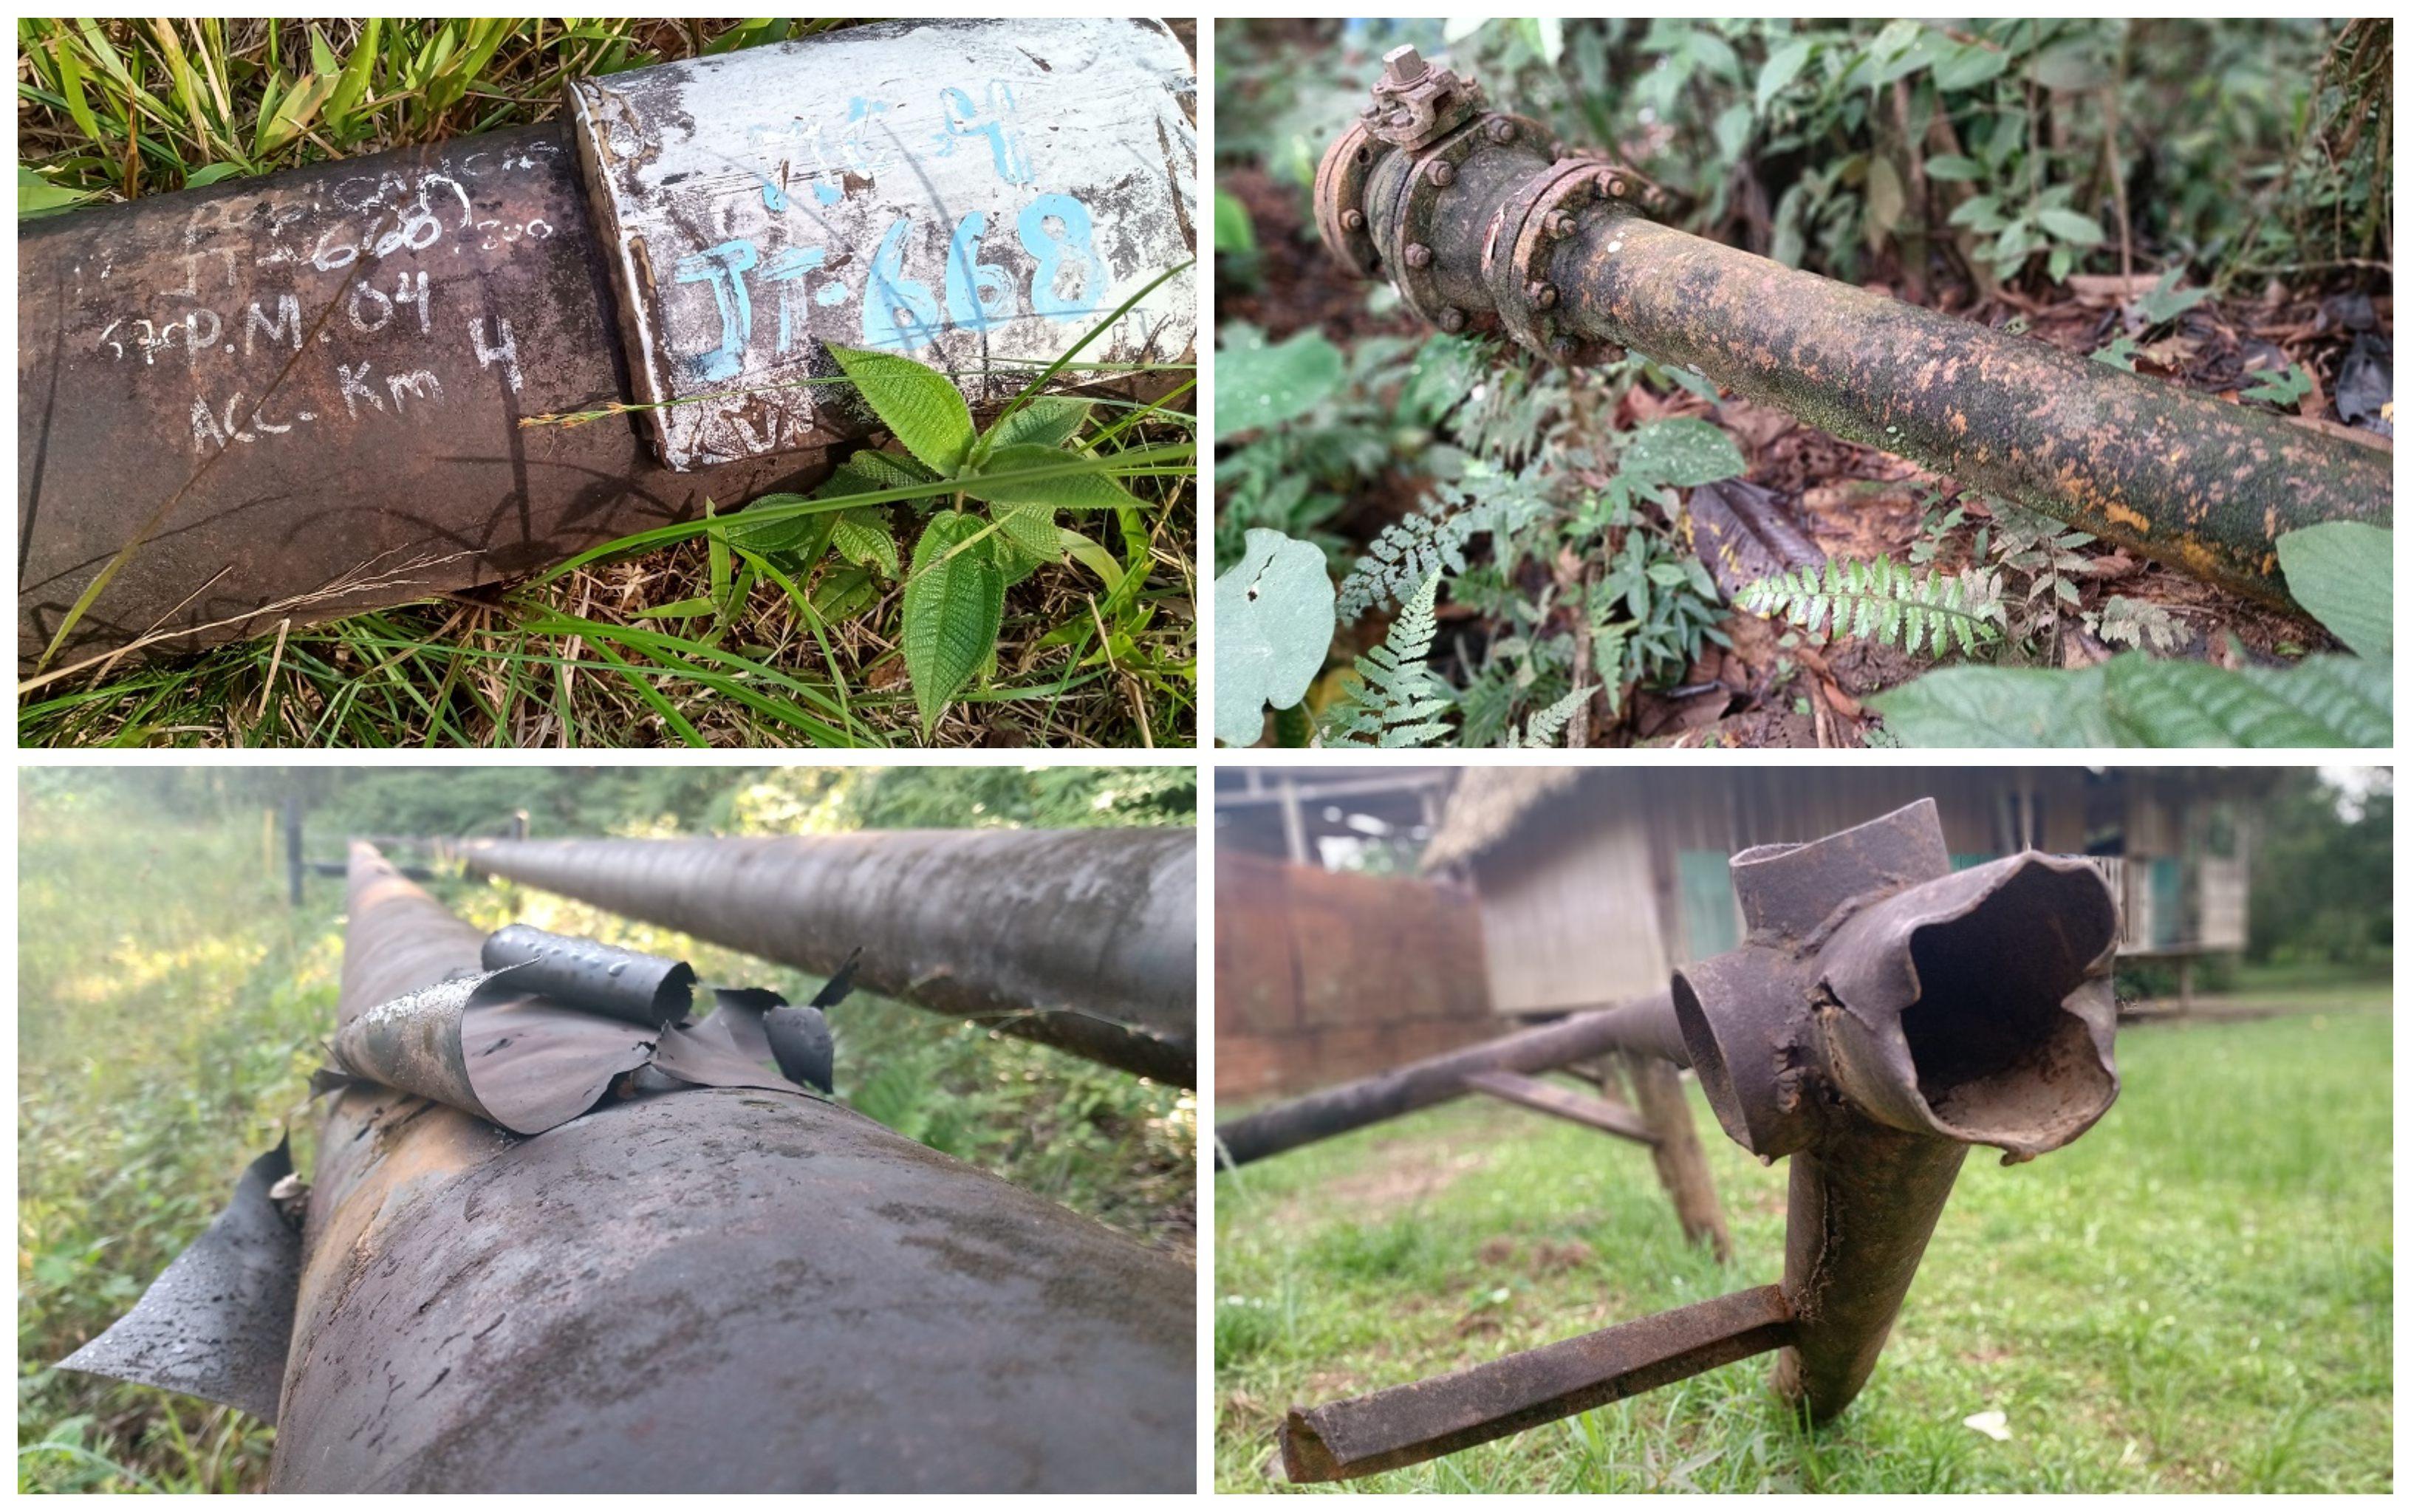 Fotografía collage de tuberías oxidadas.